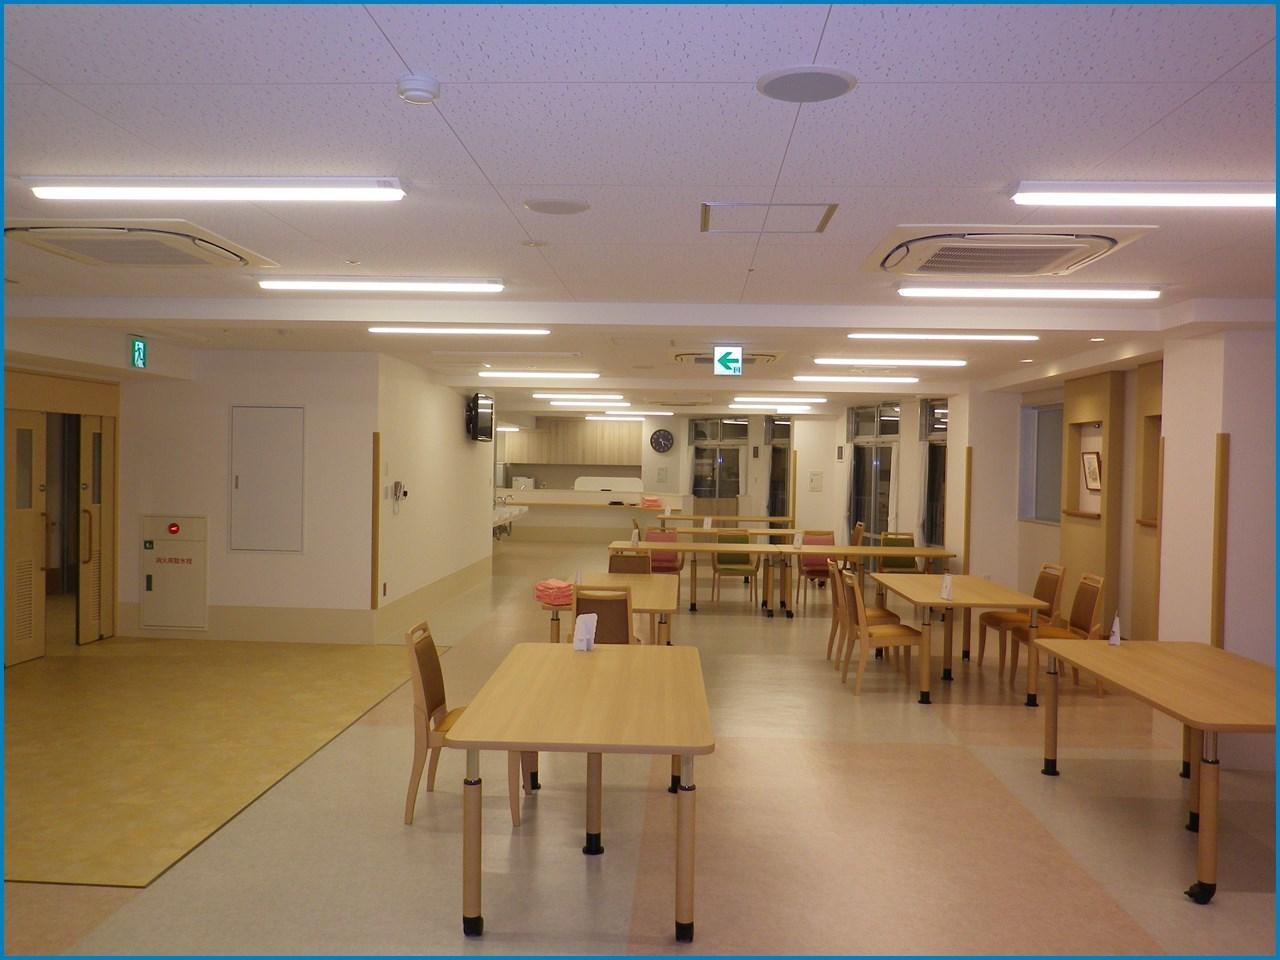 N病院グループ N.W.介護老人保健施設 改修・増築工事 1_c0376508_13130602.jpg